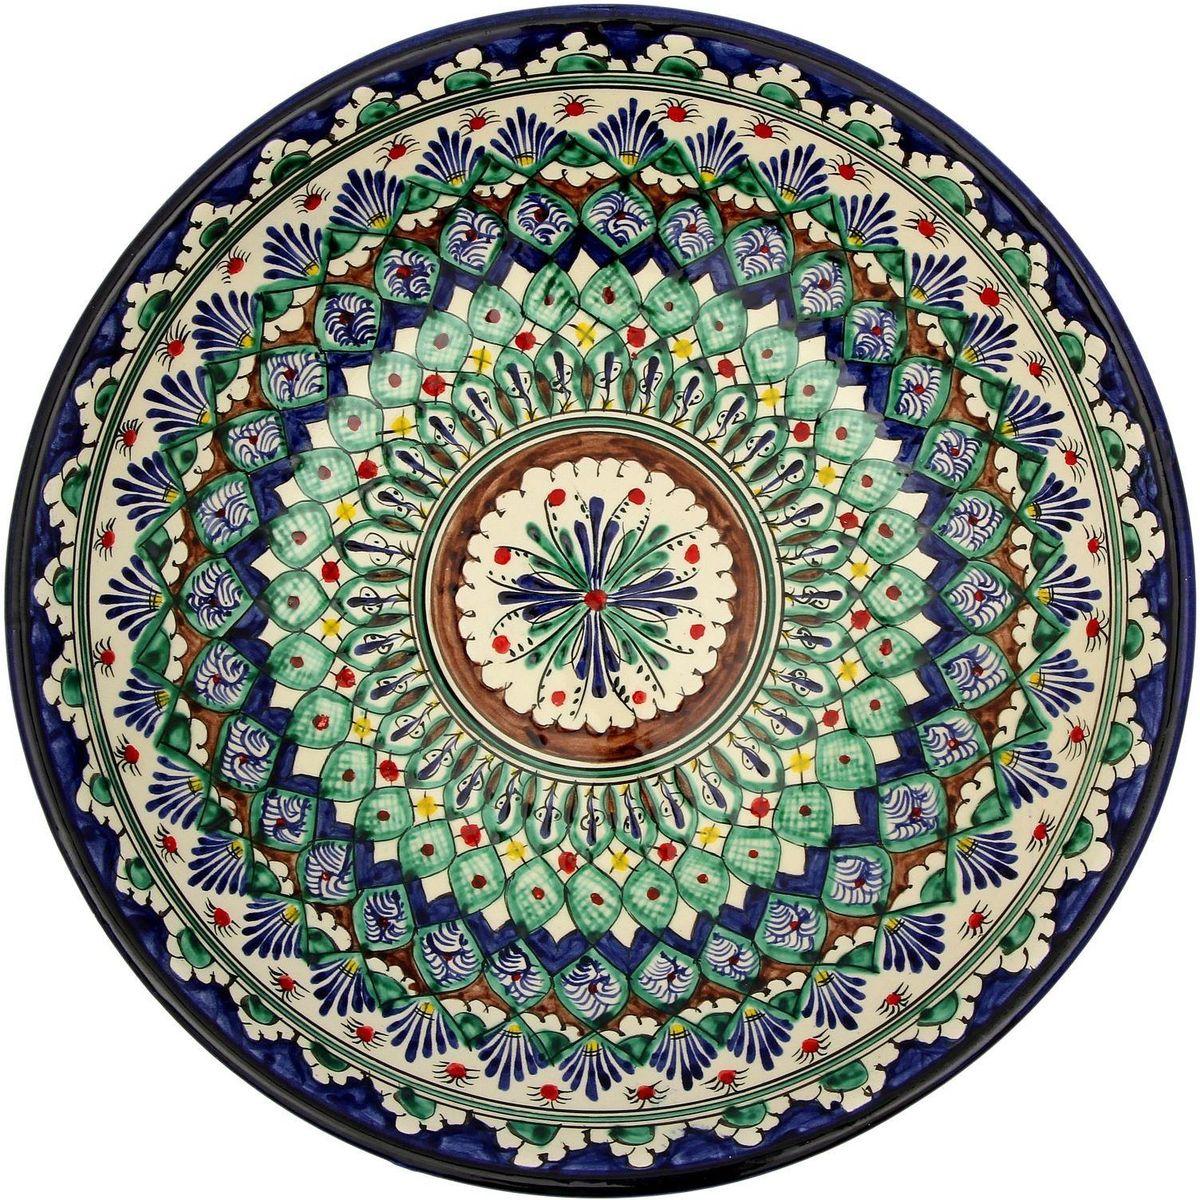 Ляган Риштанская керамика, диаметр, 33 см. 21386992138699Ляган — это не просто обеденный атрибут, это украшение стола. Посуда с национальной росписью станет отменным подарком для ценителей высокородной посуды.Риштан — город на востоке Узбекистана, один из древнейших в Ферганской долине. С давних времён Риштан славится своим гончарным искусством изготовления цветной керамики. Красноватую глину для изделия добывают в самом городе. Мастера утверждают, что их глина настолько высокого качества, что даже не нуждается в предварительной обработке. Дополните коллекцию кухонных аксессуаров пряными восточными нотами.